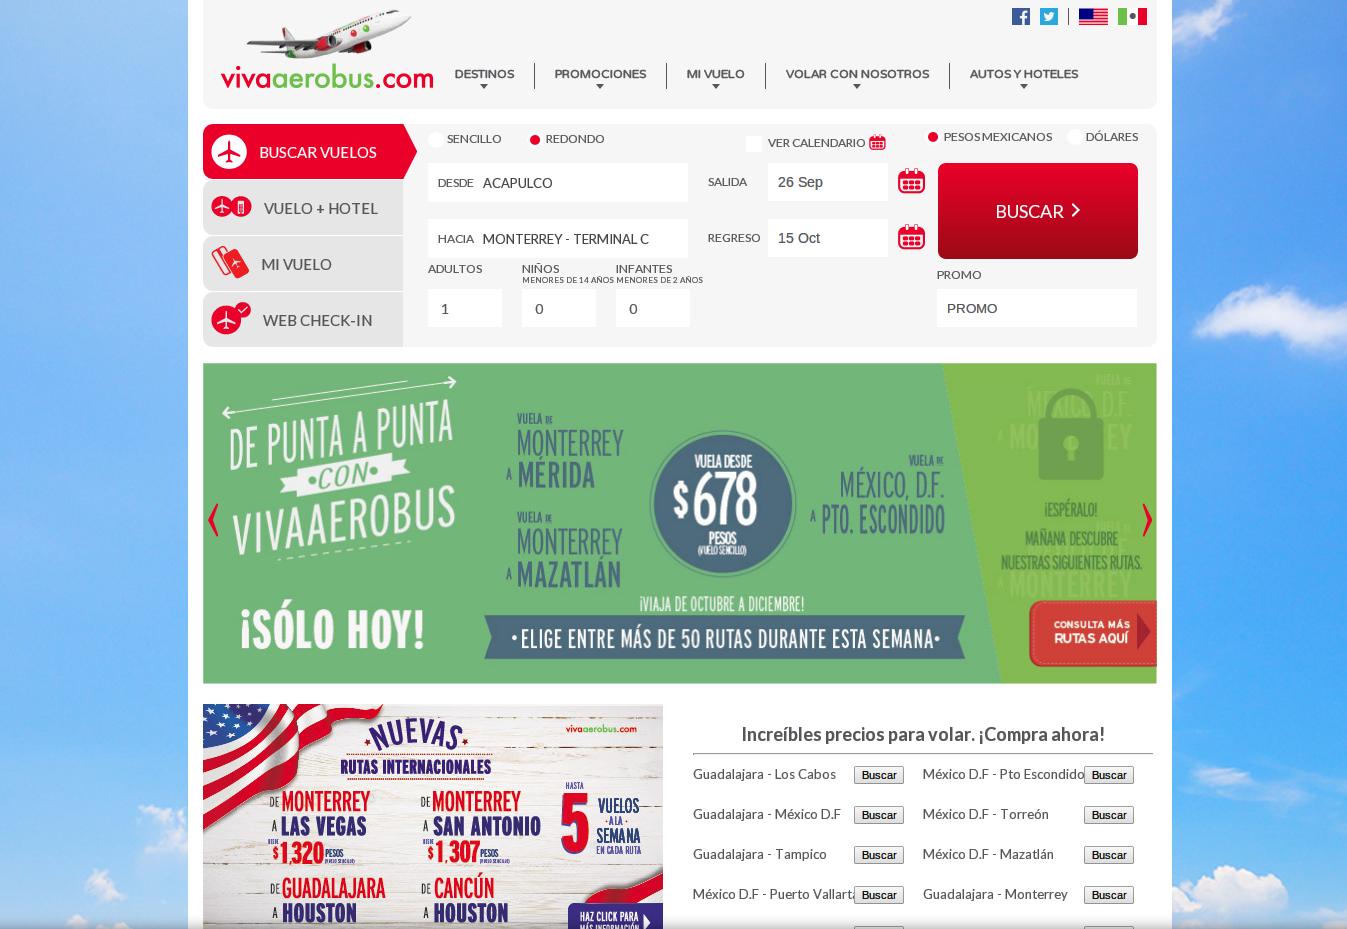 La página principal VivaAerobus - aprovecha los mejores precios en vuelos